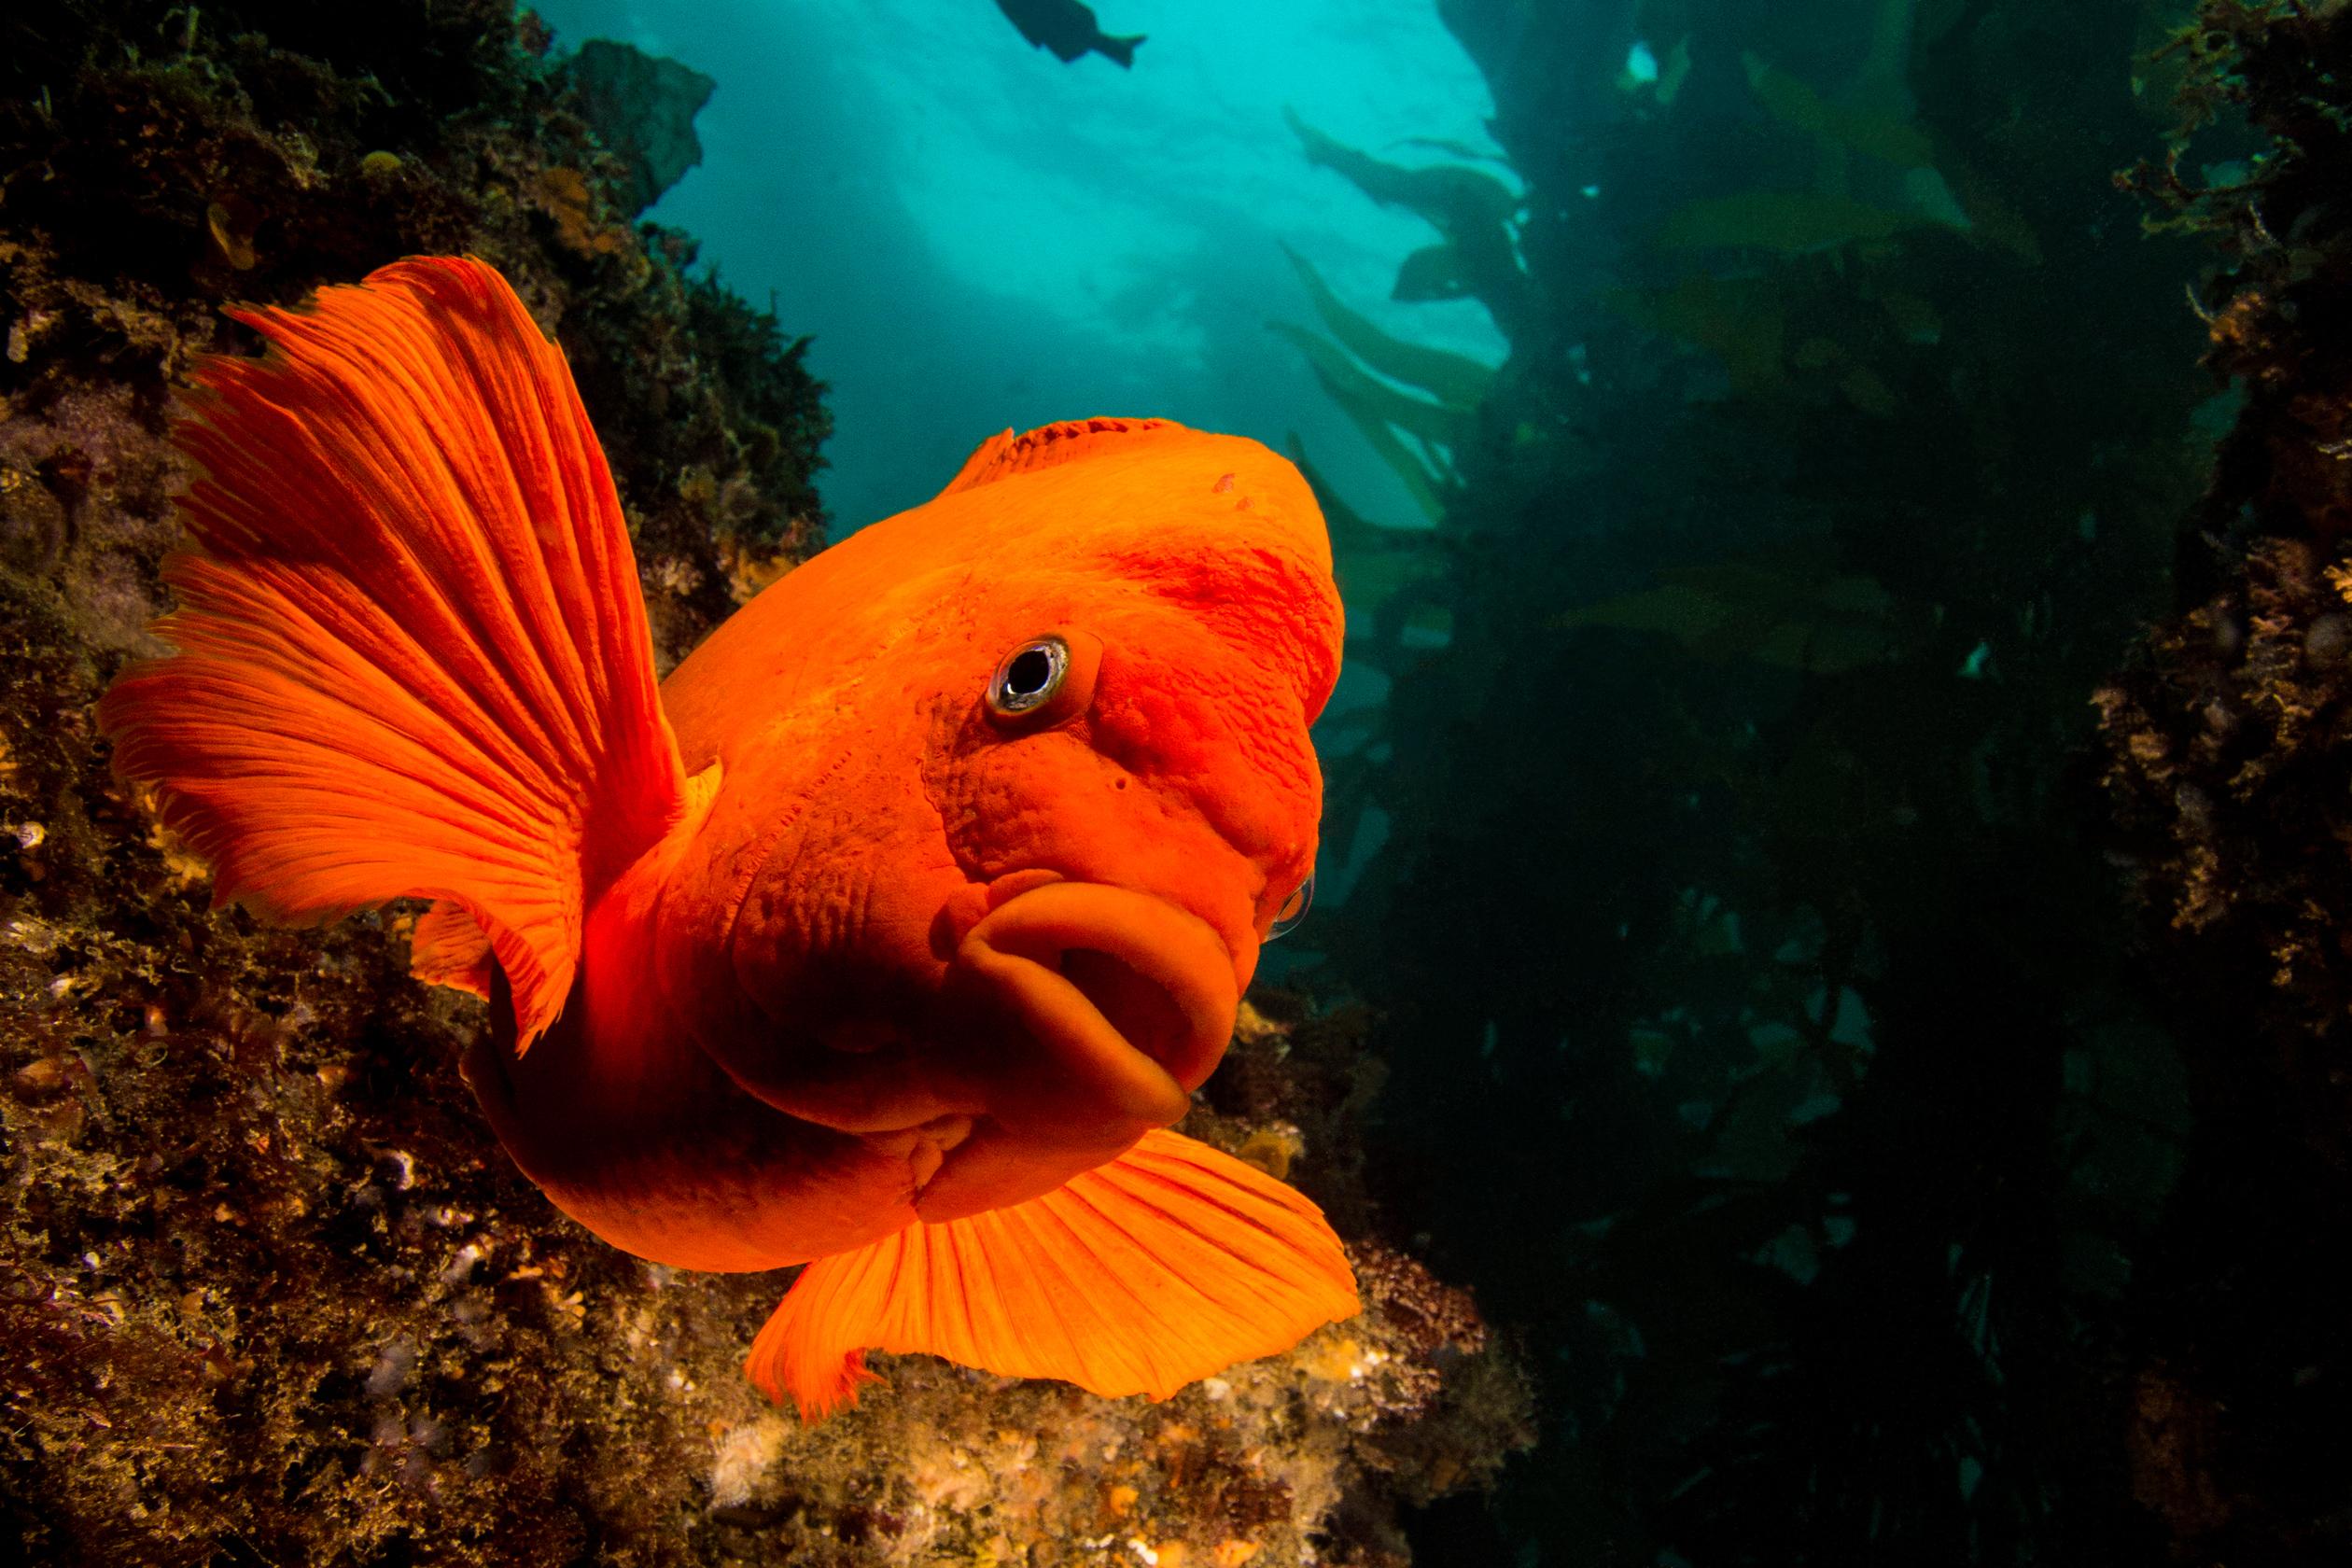 Wallpaper : underwater, orange, coral reef, diving, color, ocean ...